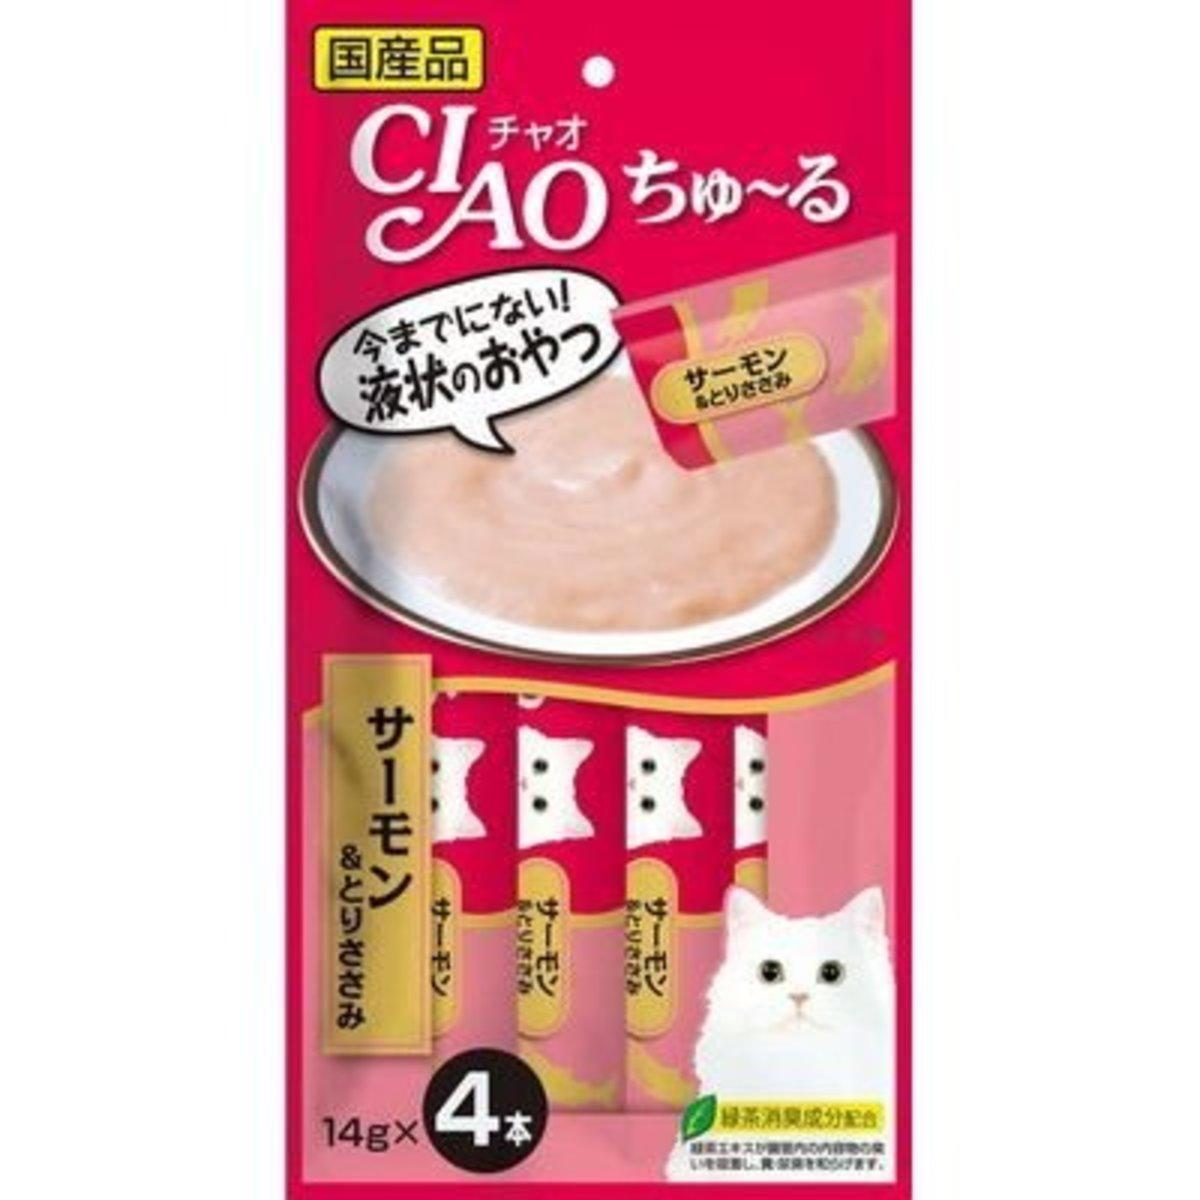 貓貓CIAO醬包-三文魚雞肉 14g x4本